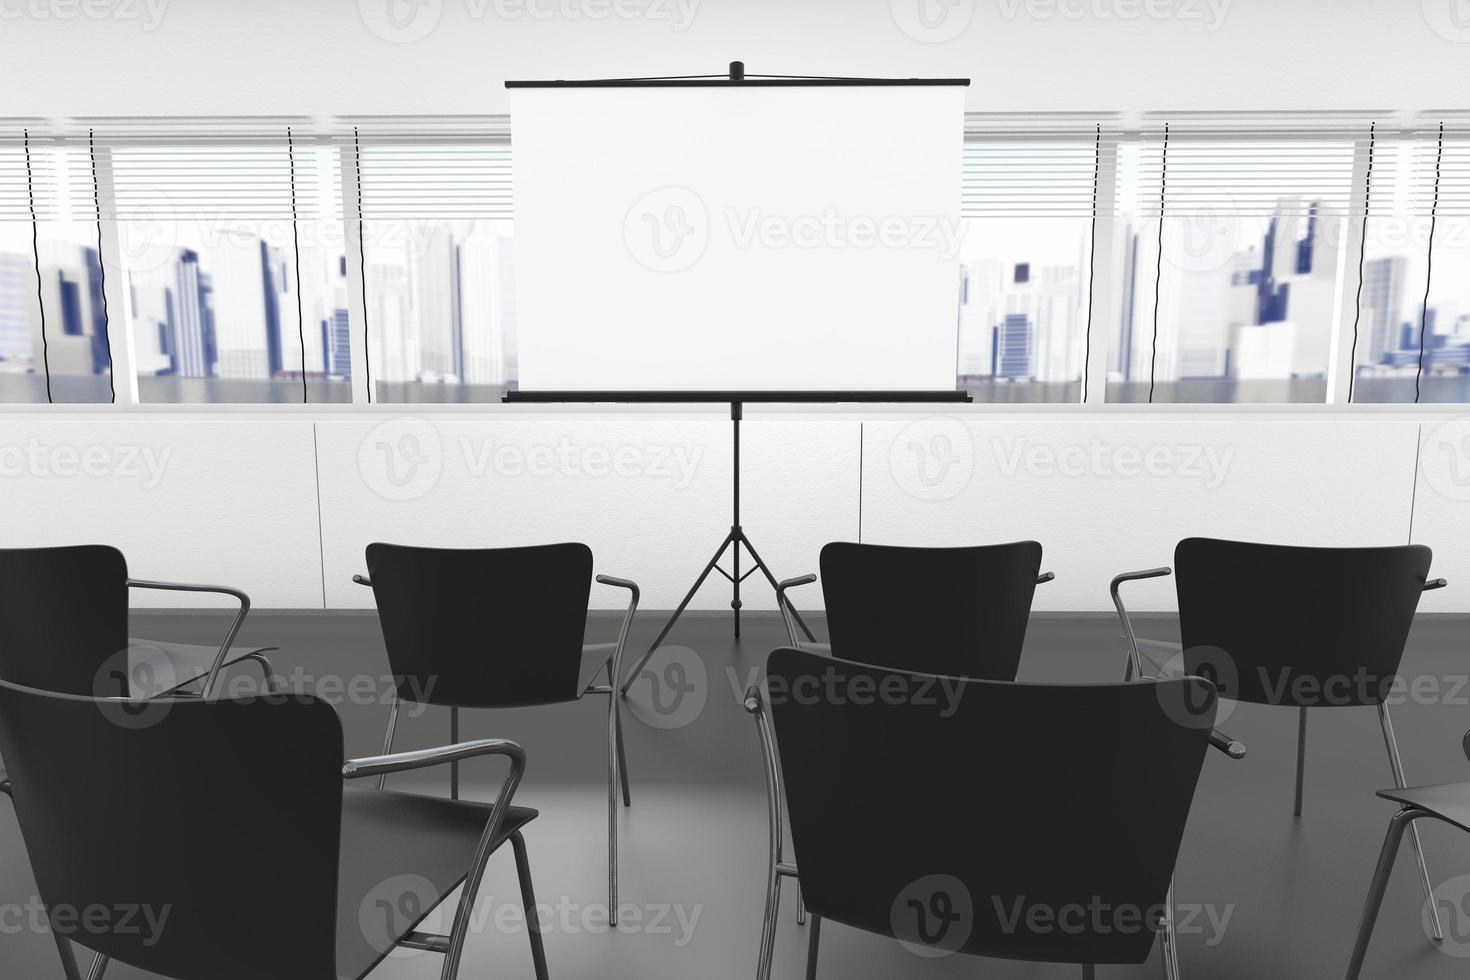 schermo di proiezione e sedie foto